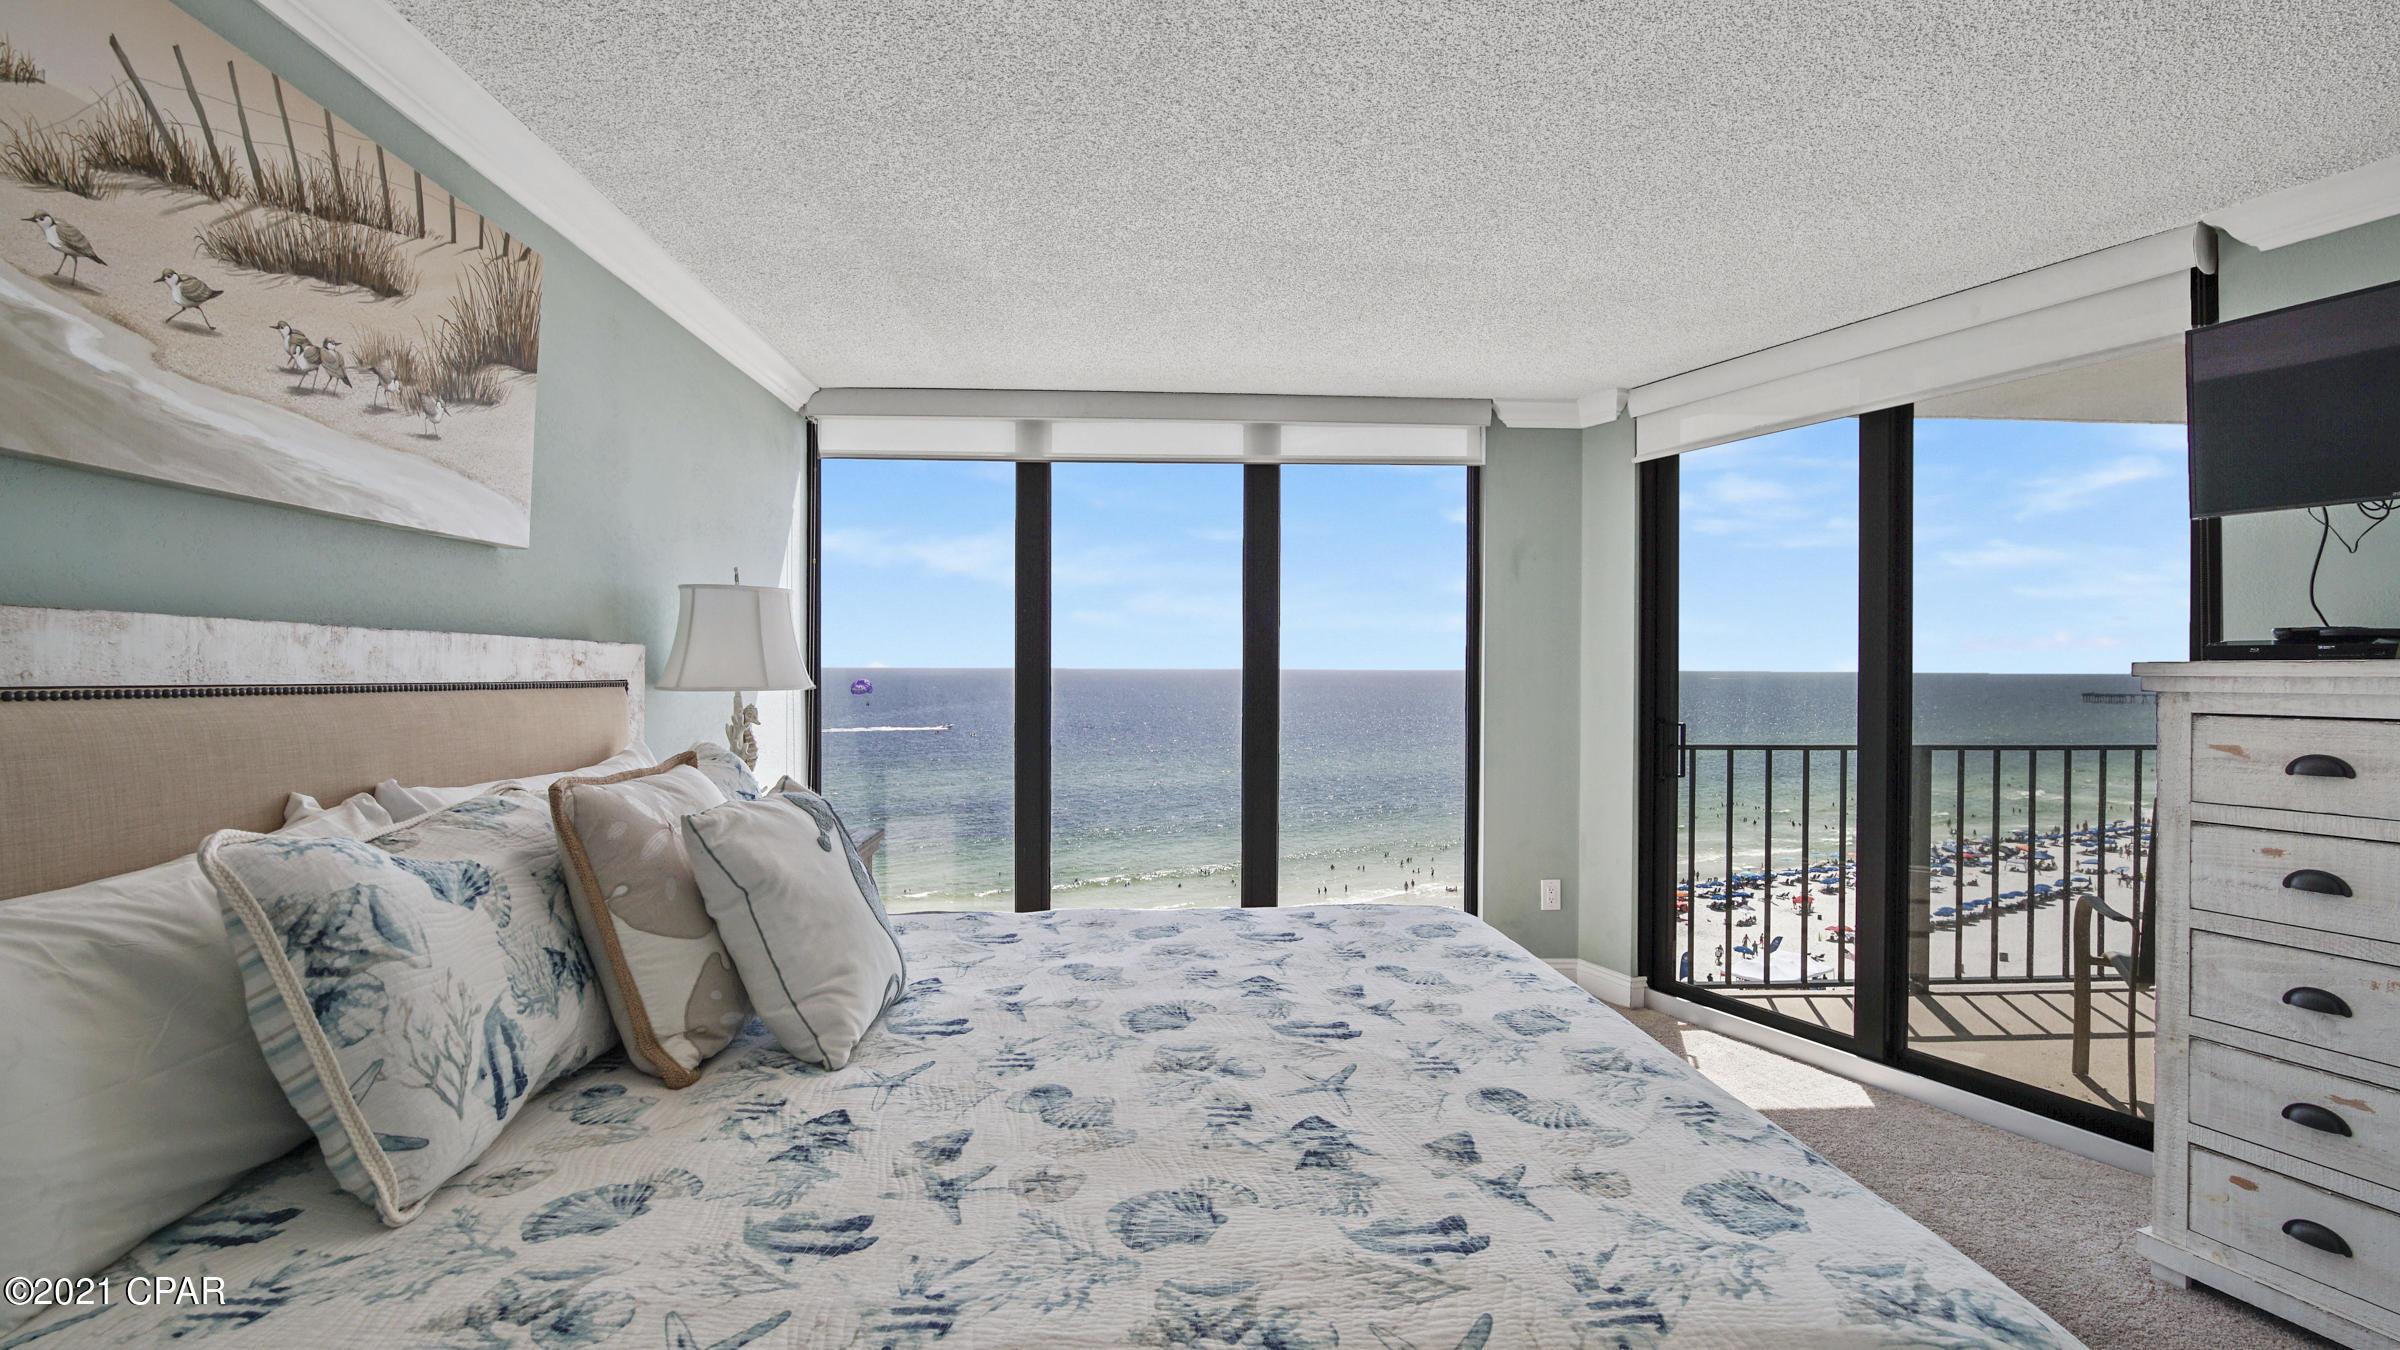 A 1 Bedroom 2 Bedroom Edgewater Tower Iii Condominium